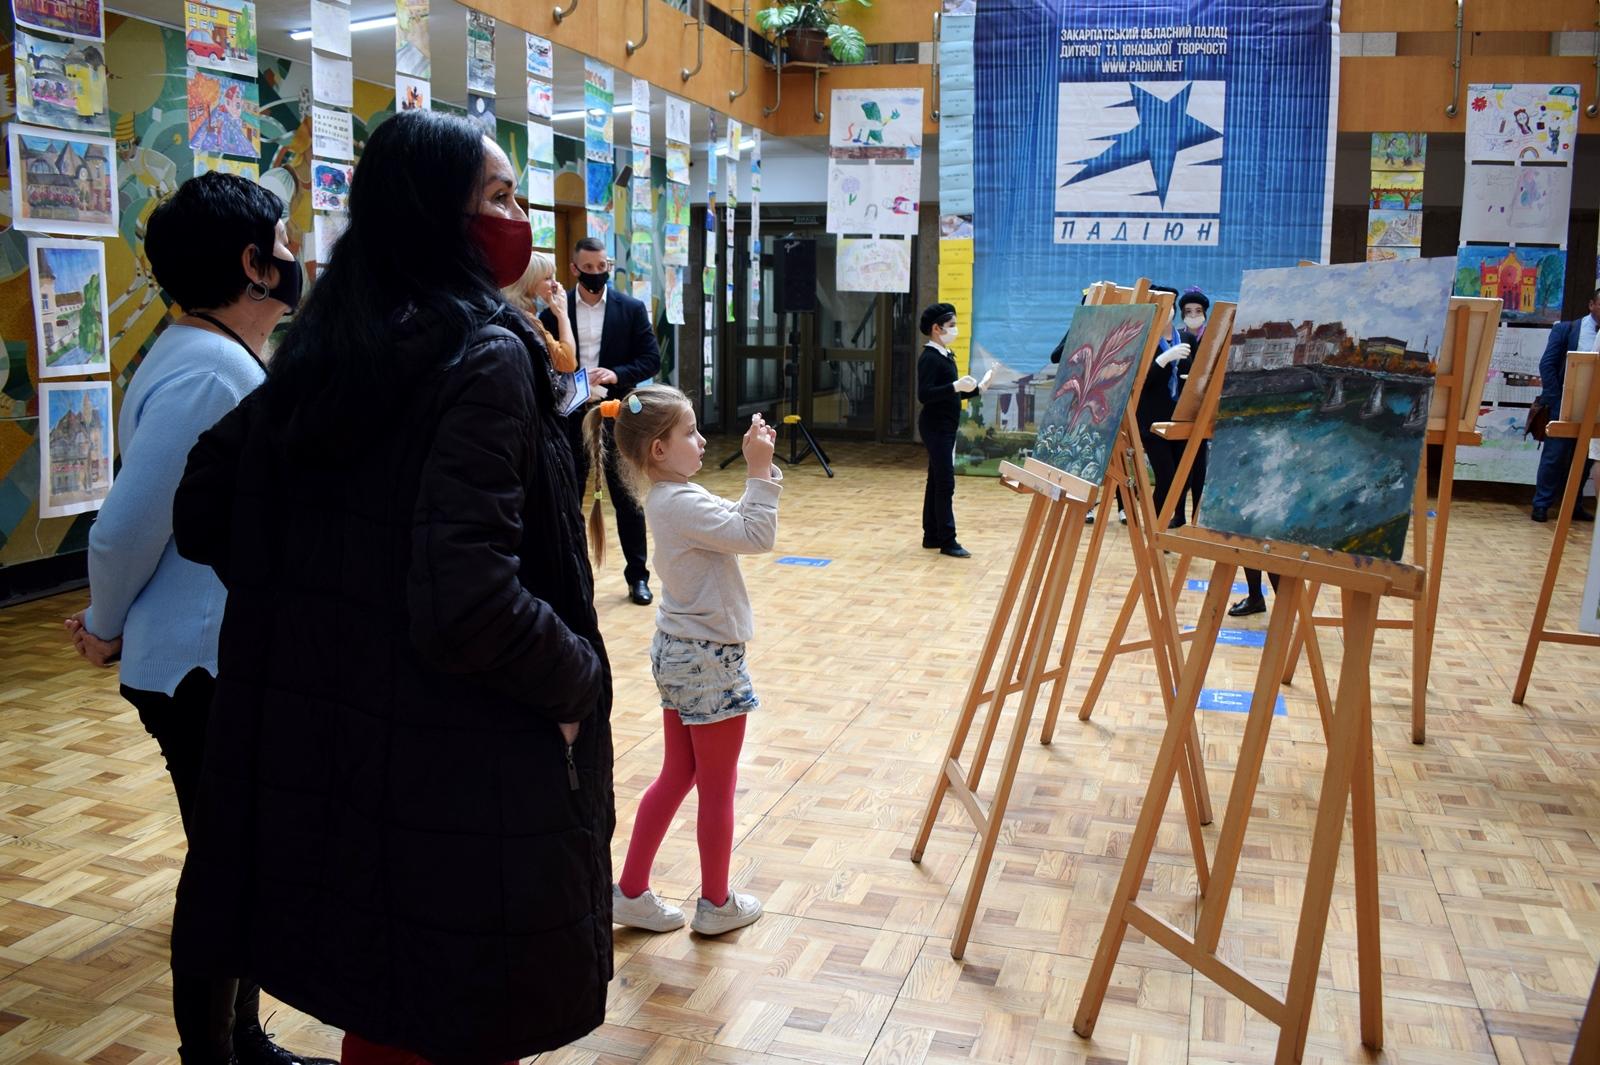 """Новий рекорд України """"Наймасовіший мистецький пленер"""" зафіксували в Ужгороді"""